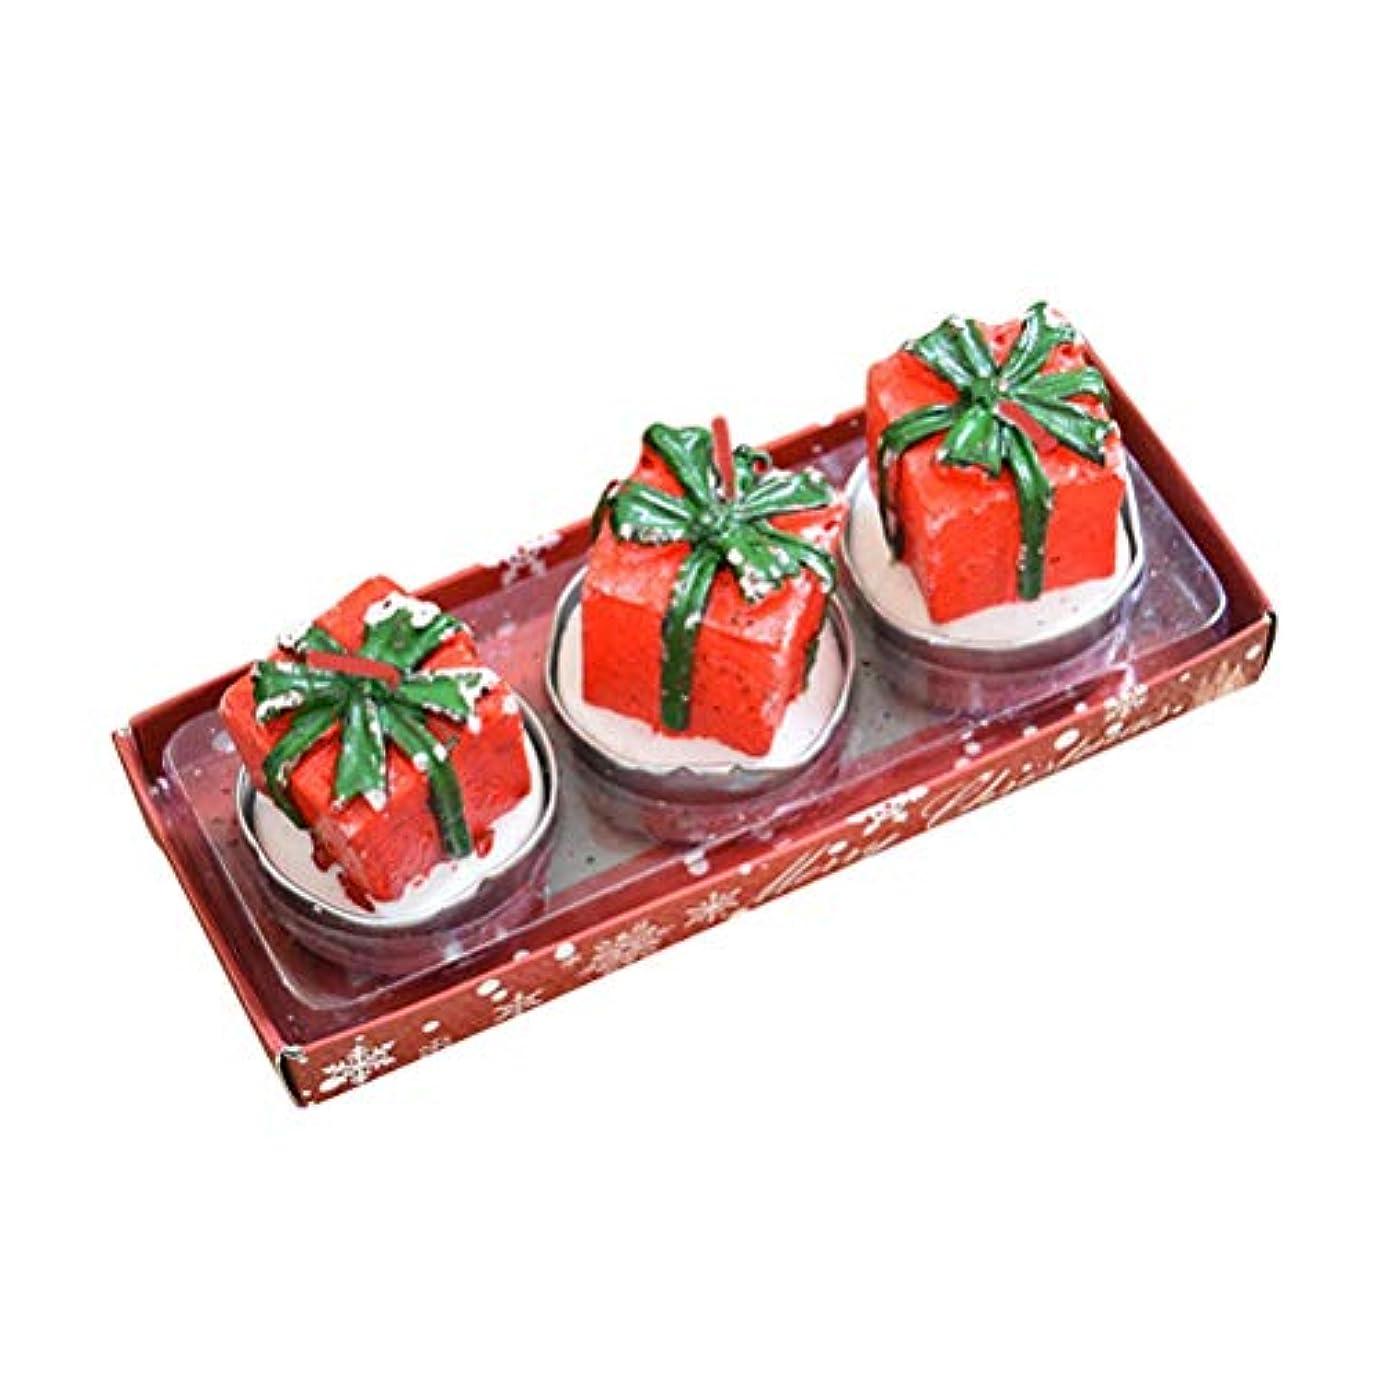 再び童謡しかしBESTOYARD 3本のクリスマスキャンドルミニキュートな装飾的なギフトボックス形状のキャンドルスパのホームクリスマスパーティーウィンドウの表示テーブルの装飾の贈り物